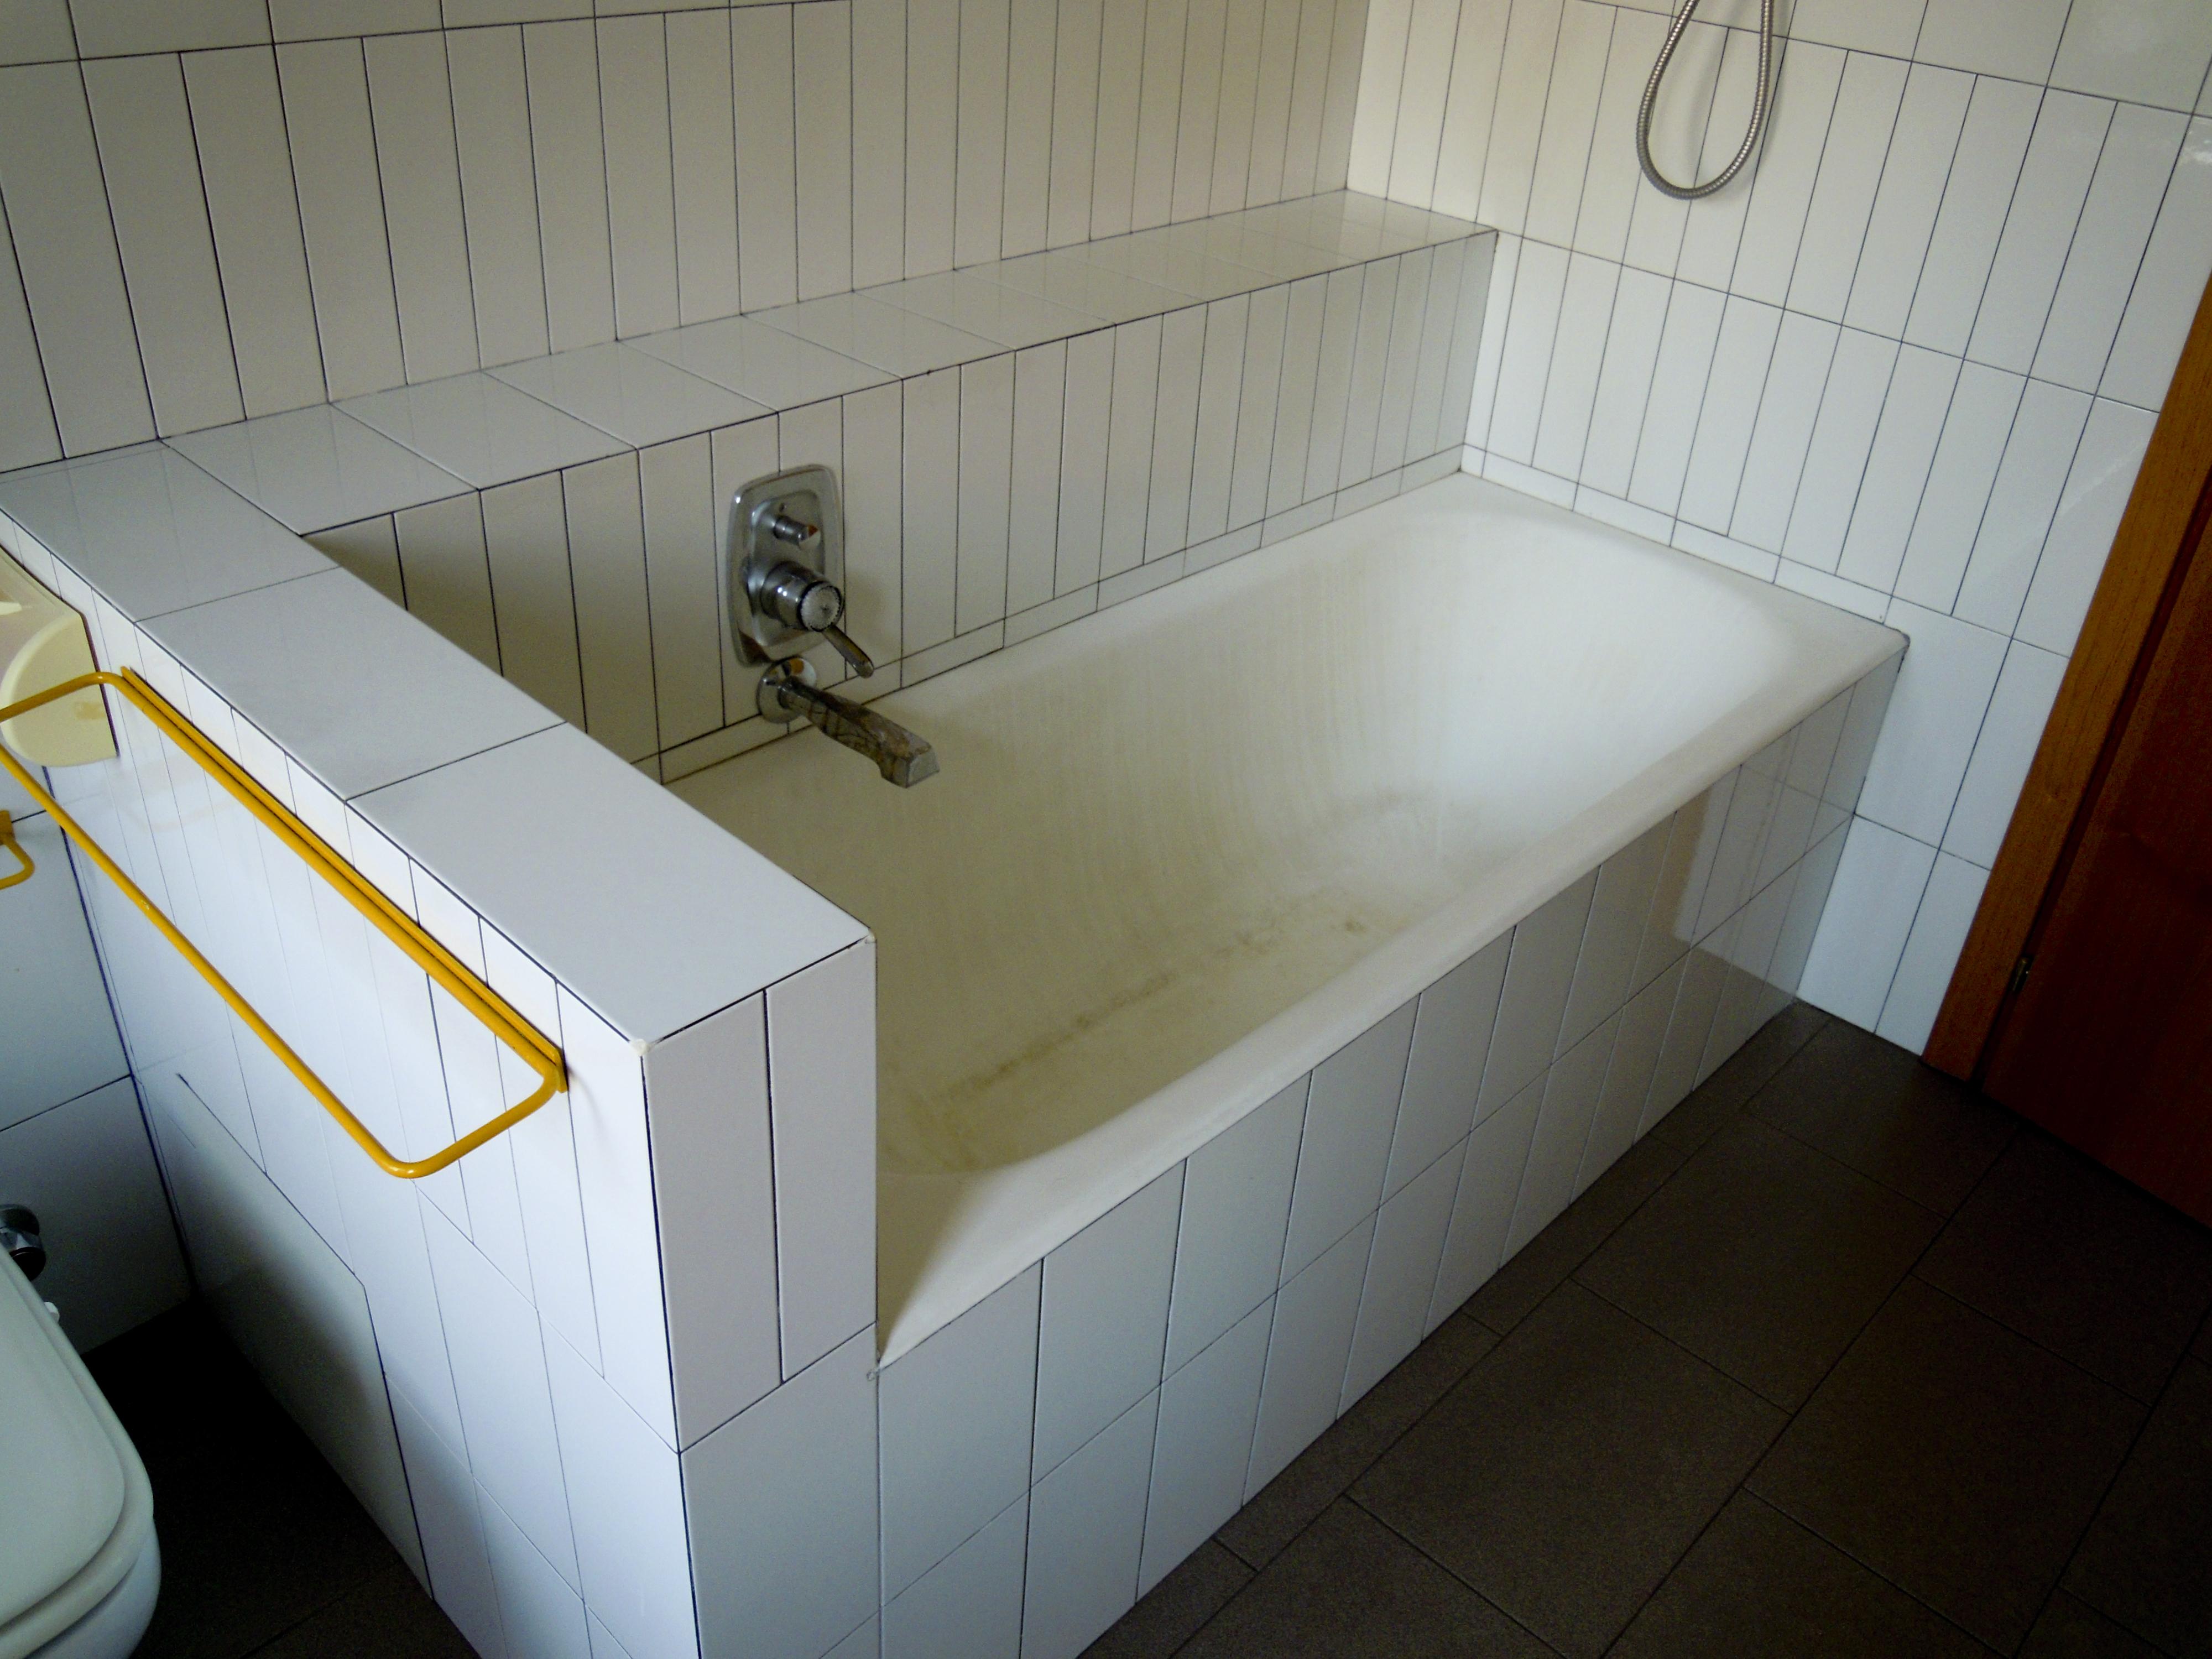 Rifacimento Vasche Da Bagno Bergamo : Sostituzione vasca da bagno senza rompere le piastrelle